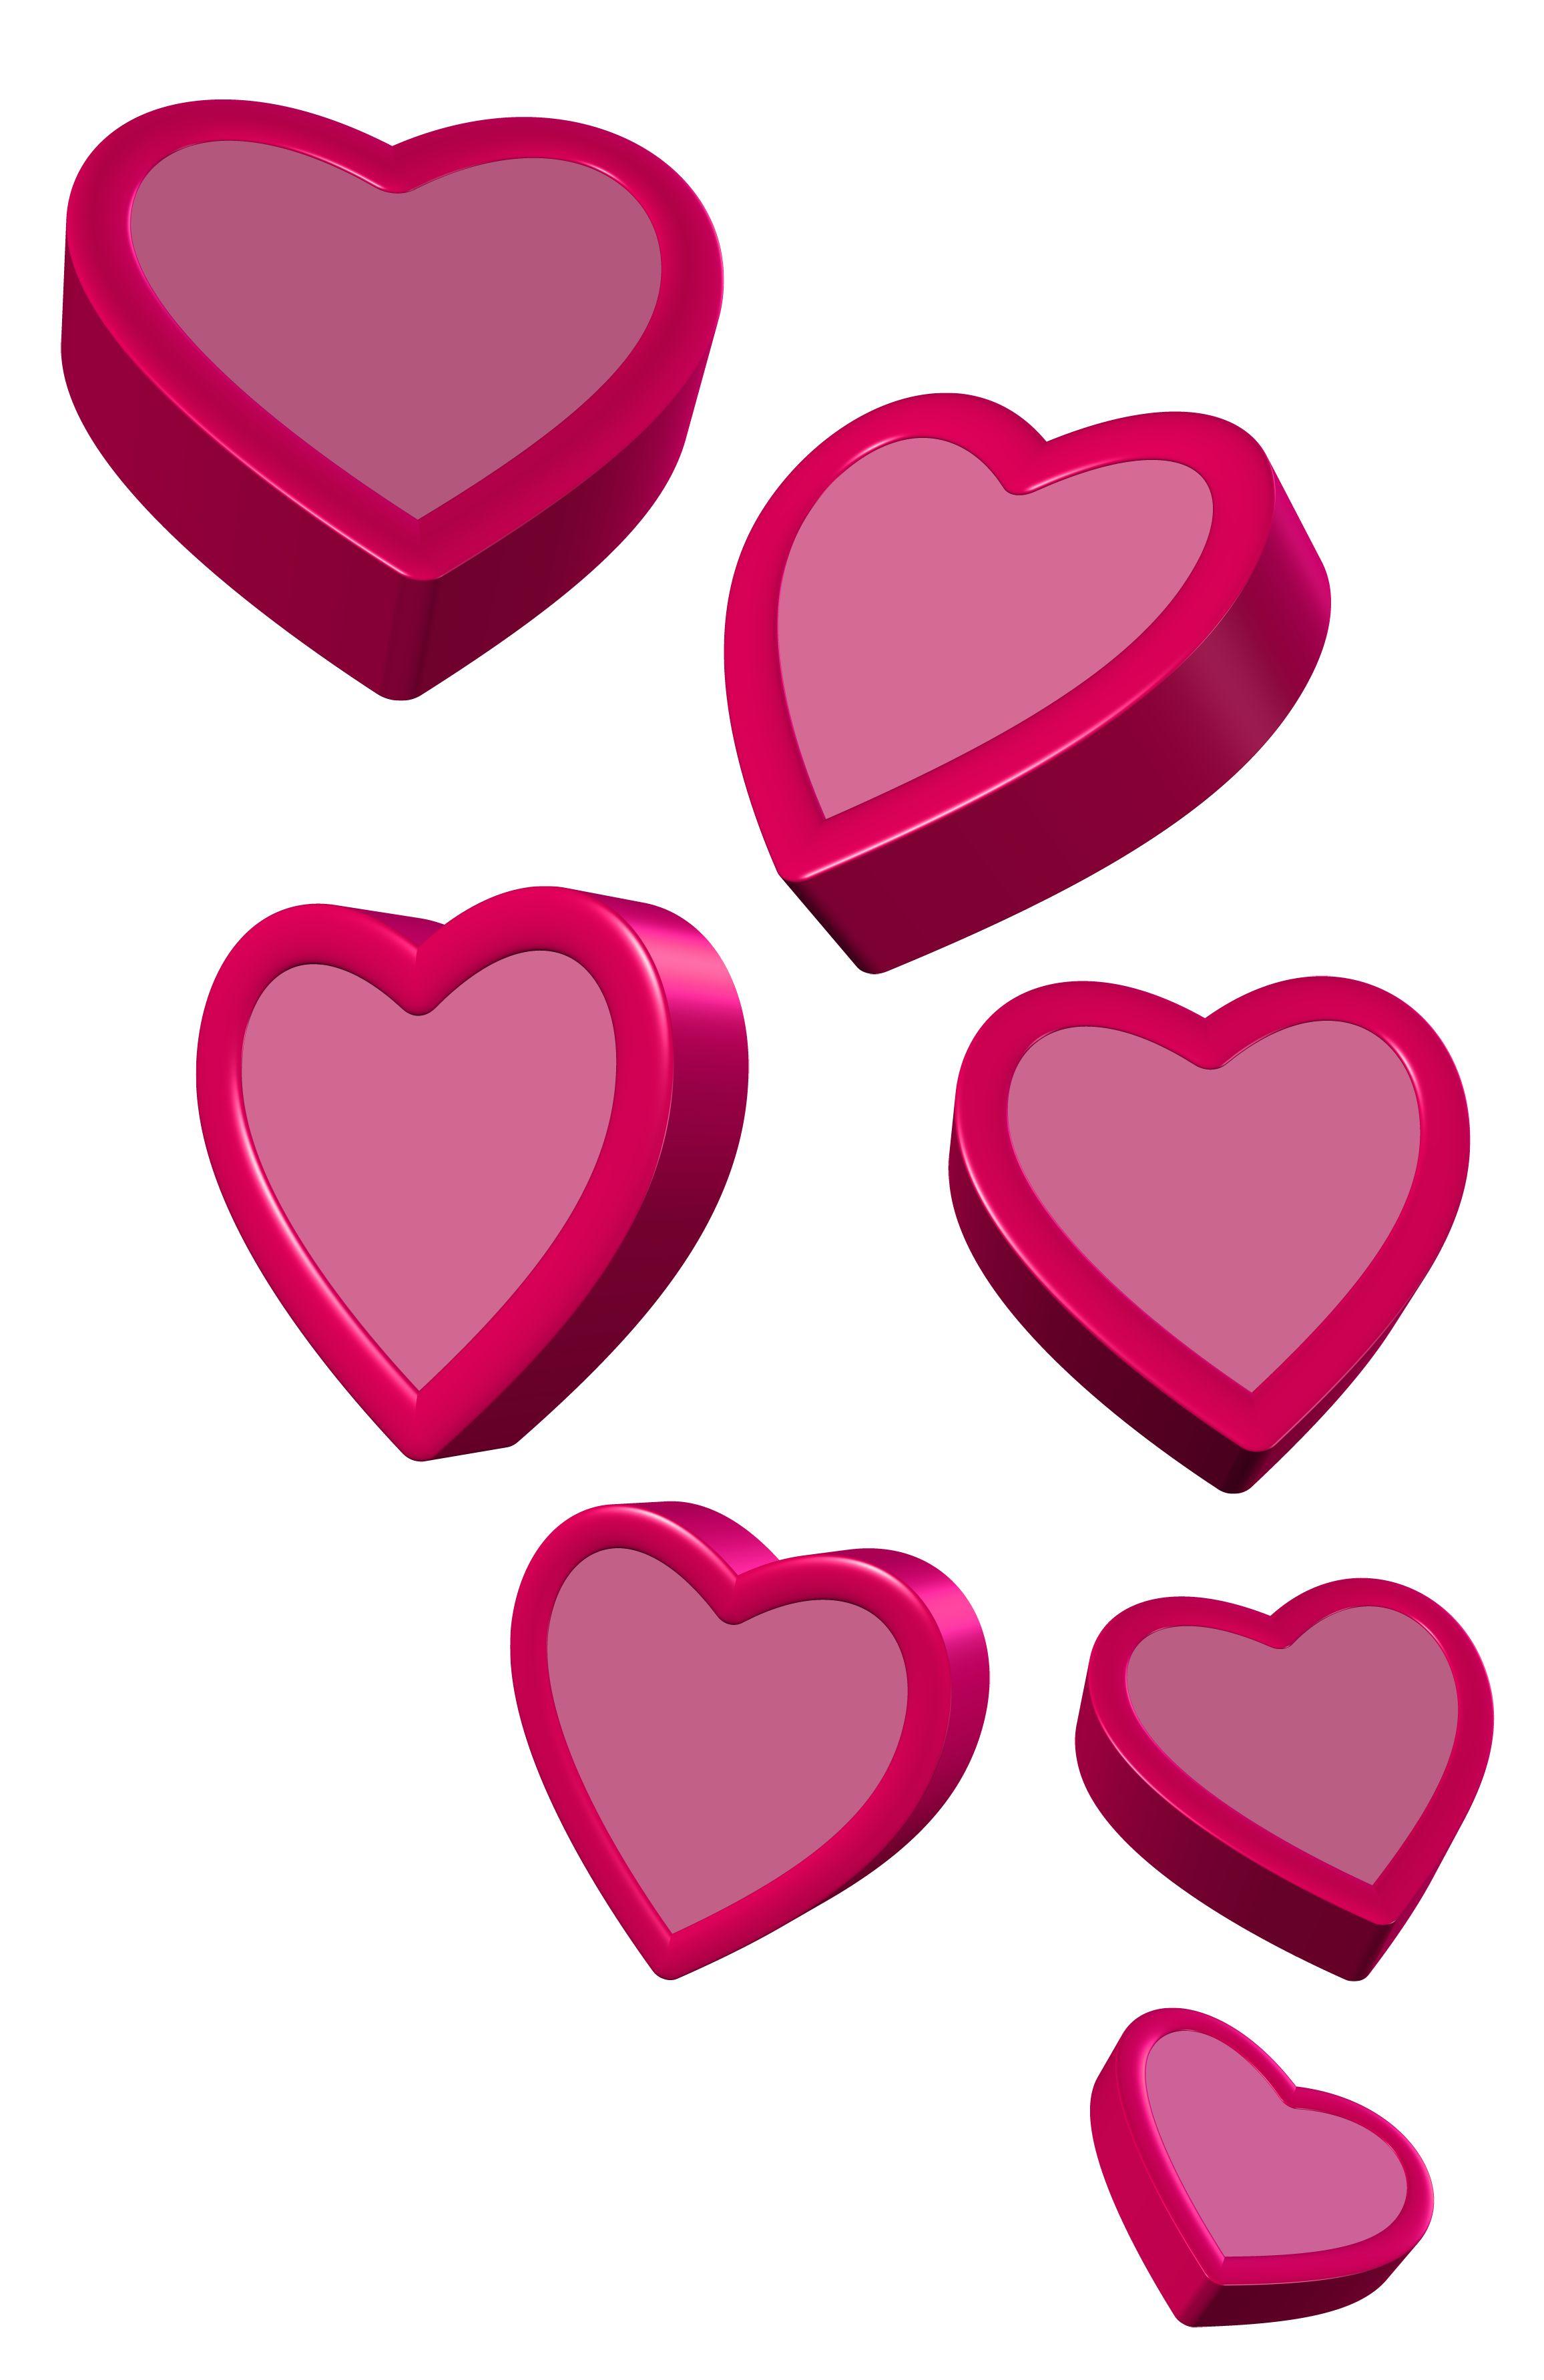 medium resolution of heart clip art image from http gallery yopriceville com var albums